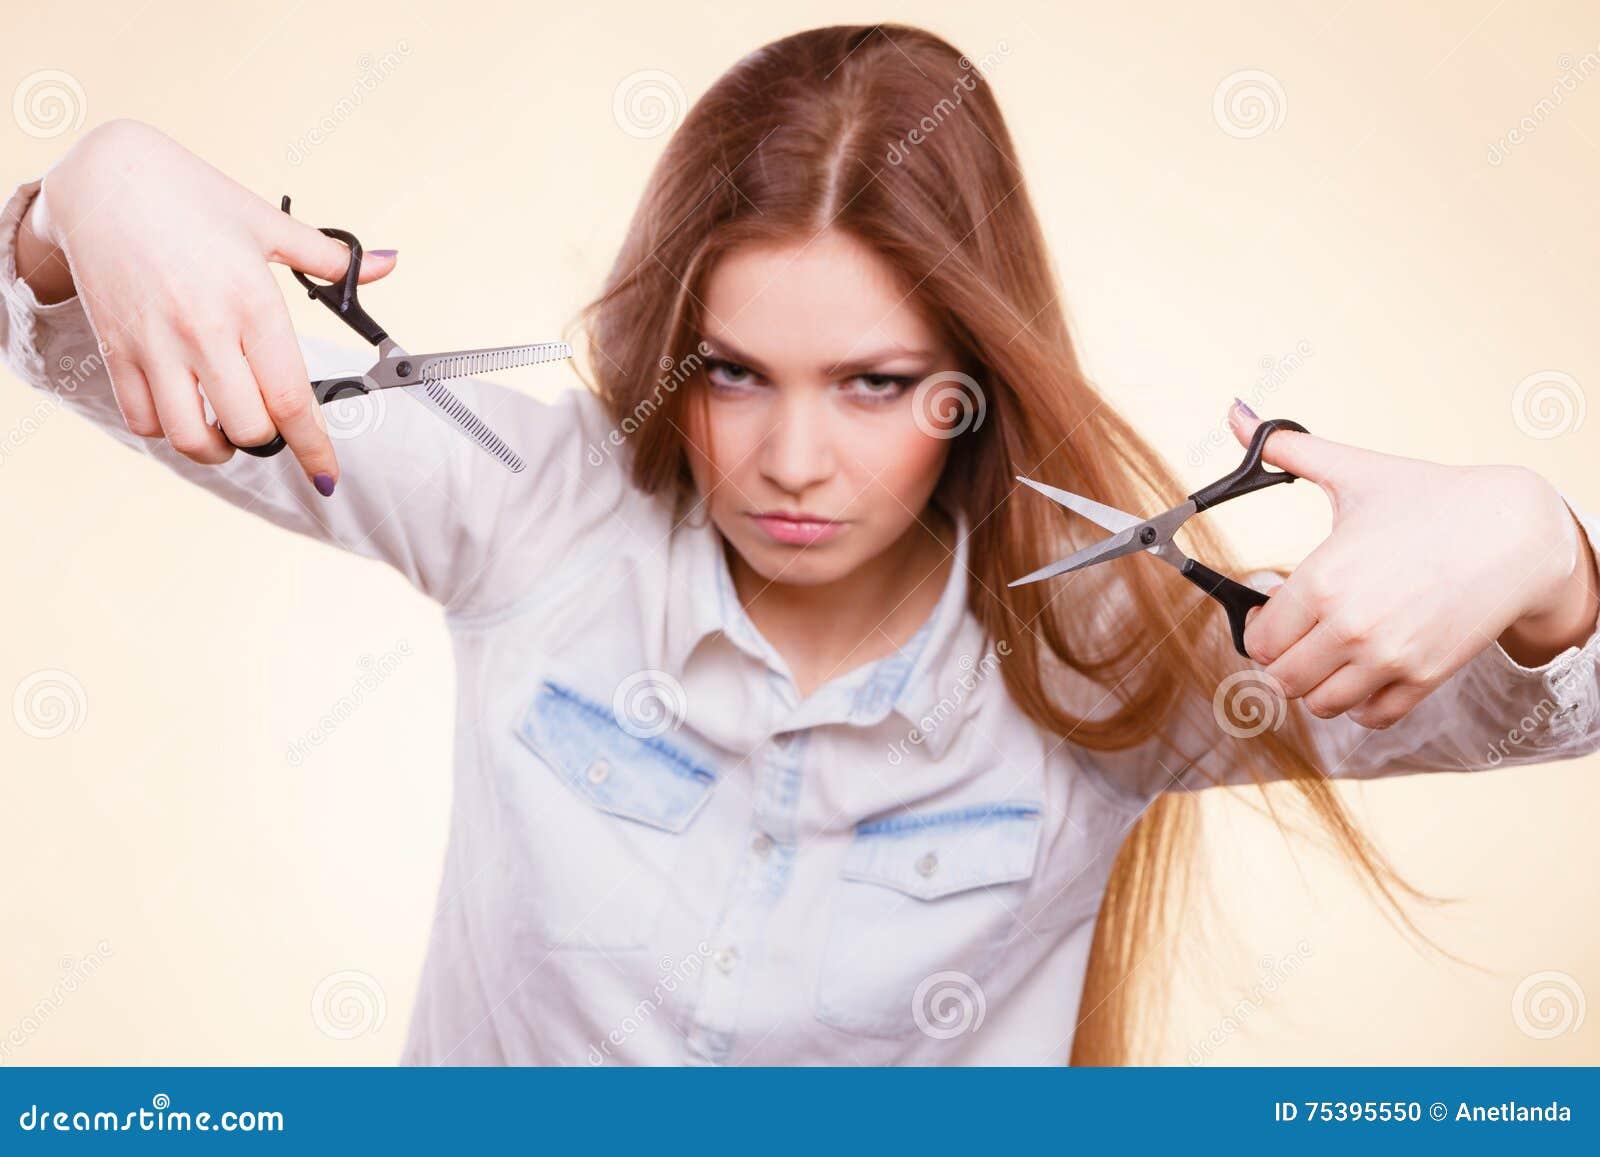 Девушки делают ножницы видео